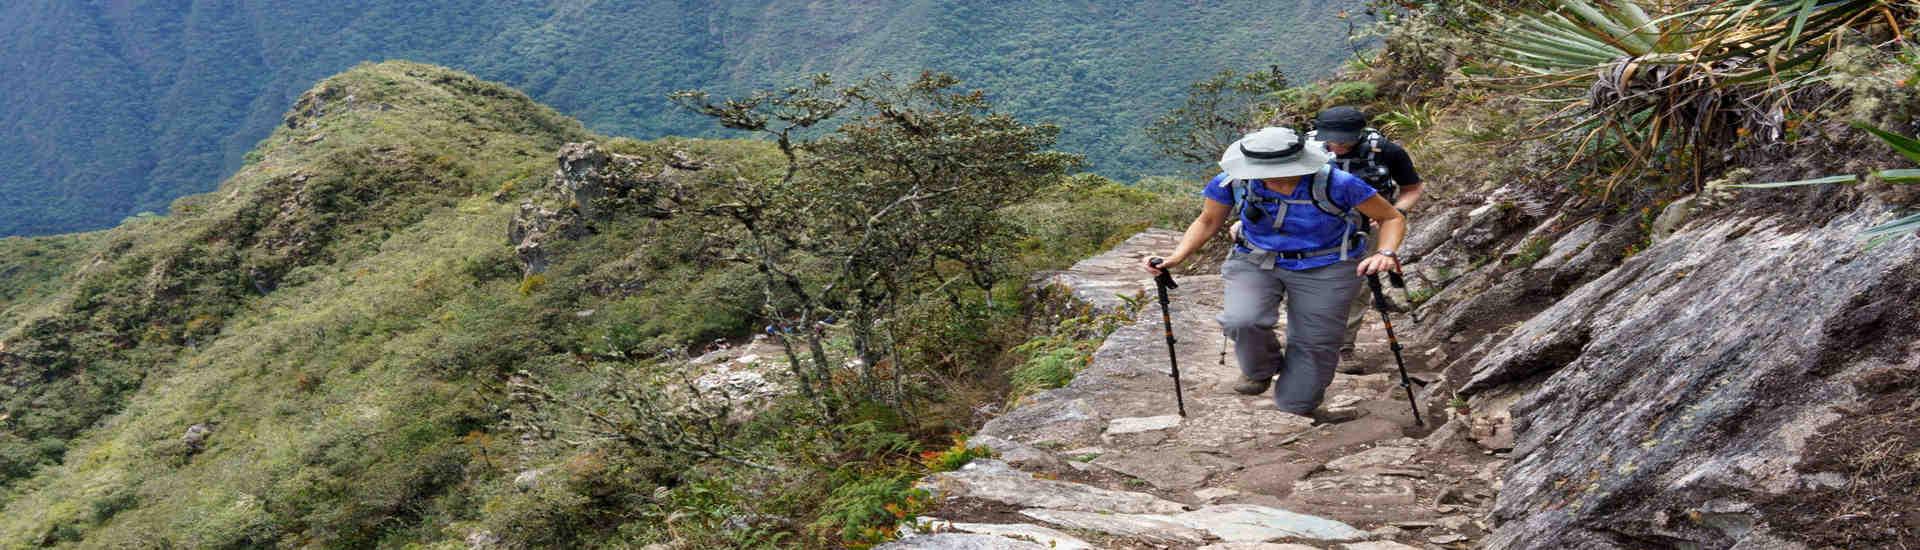 inka trail machu picchu toursperumachupicchu